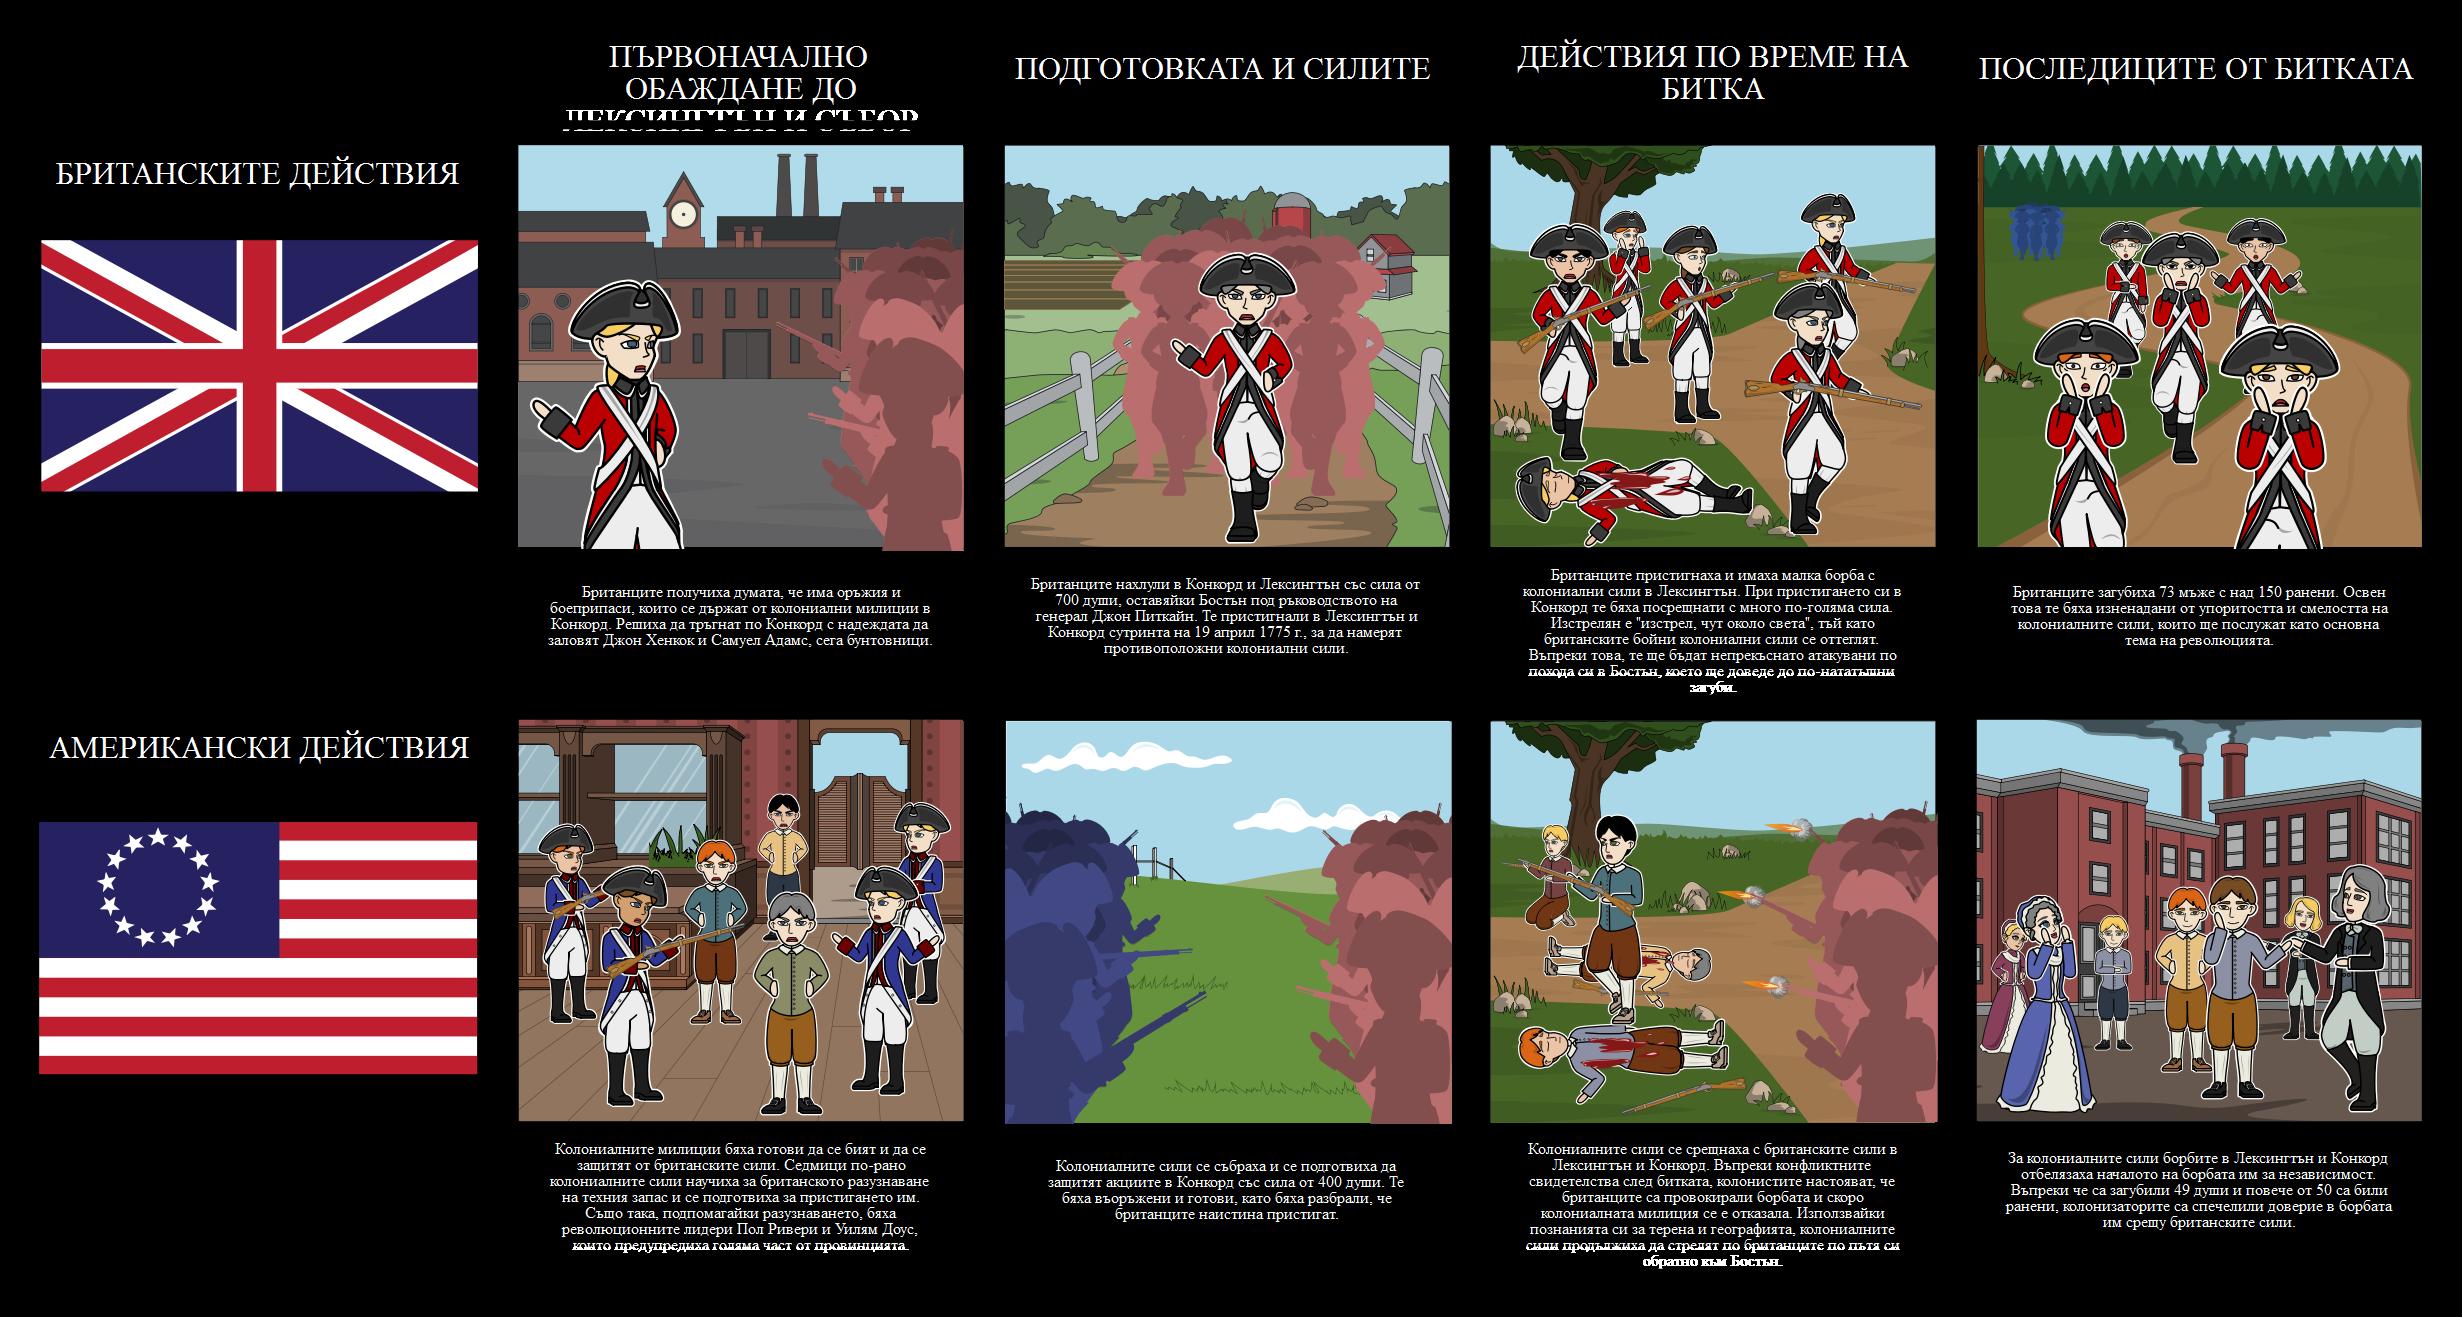 Битката при Лексингтън и Конкорд